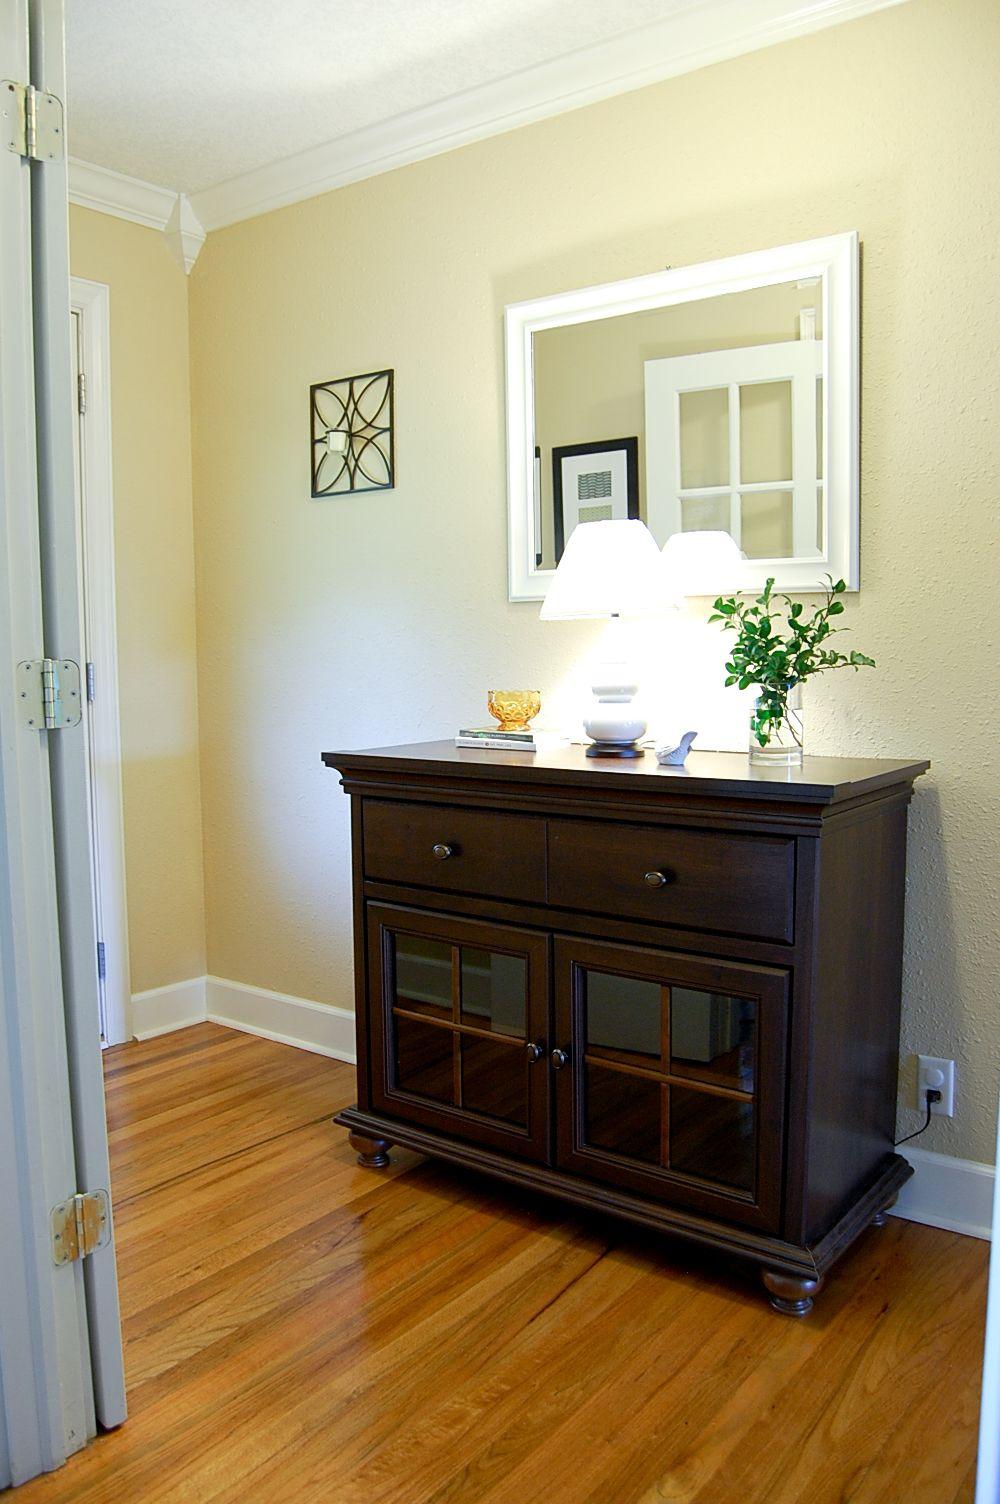 entryway hard wood floor color Home decor, Wood floor